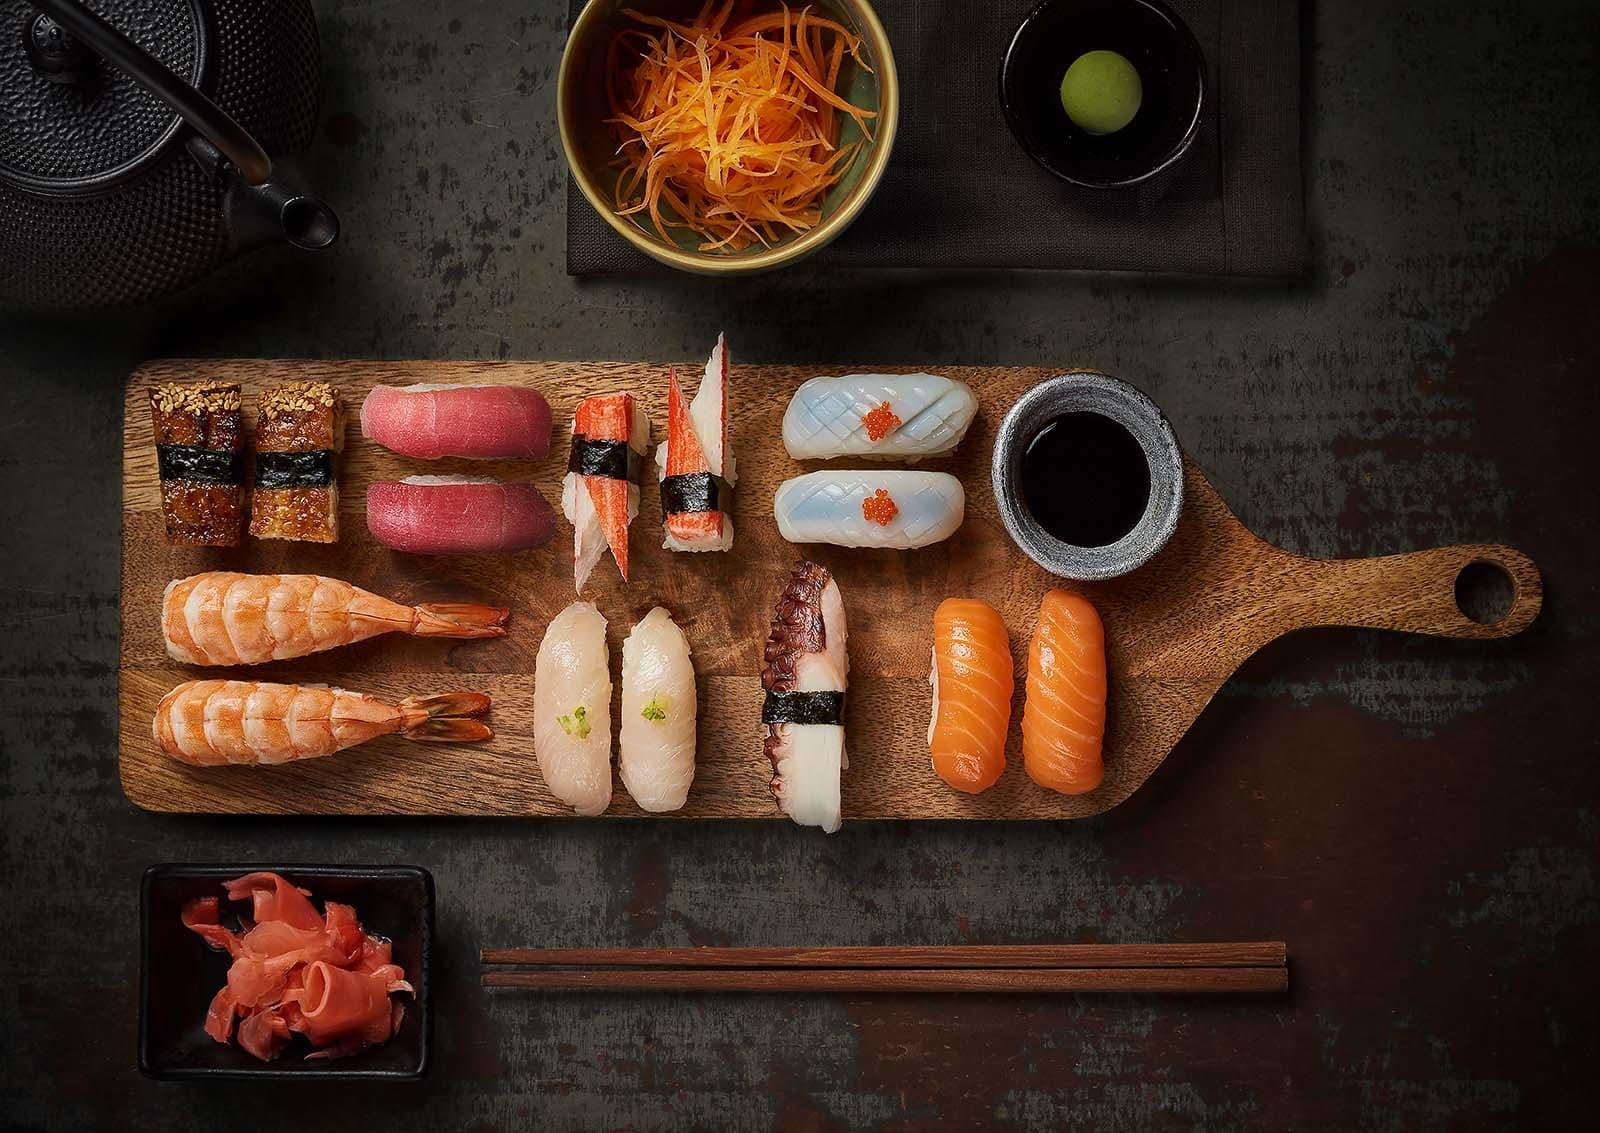 Nigiri - Sashimi - food photography